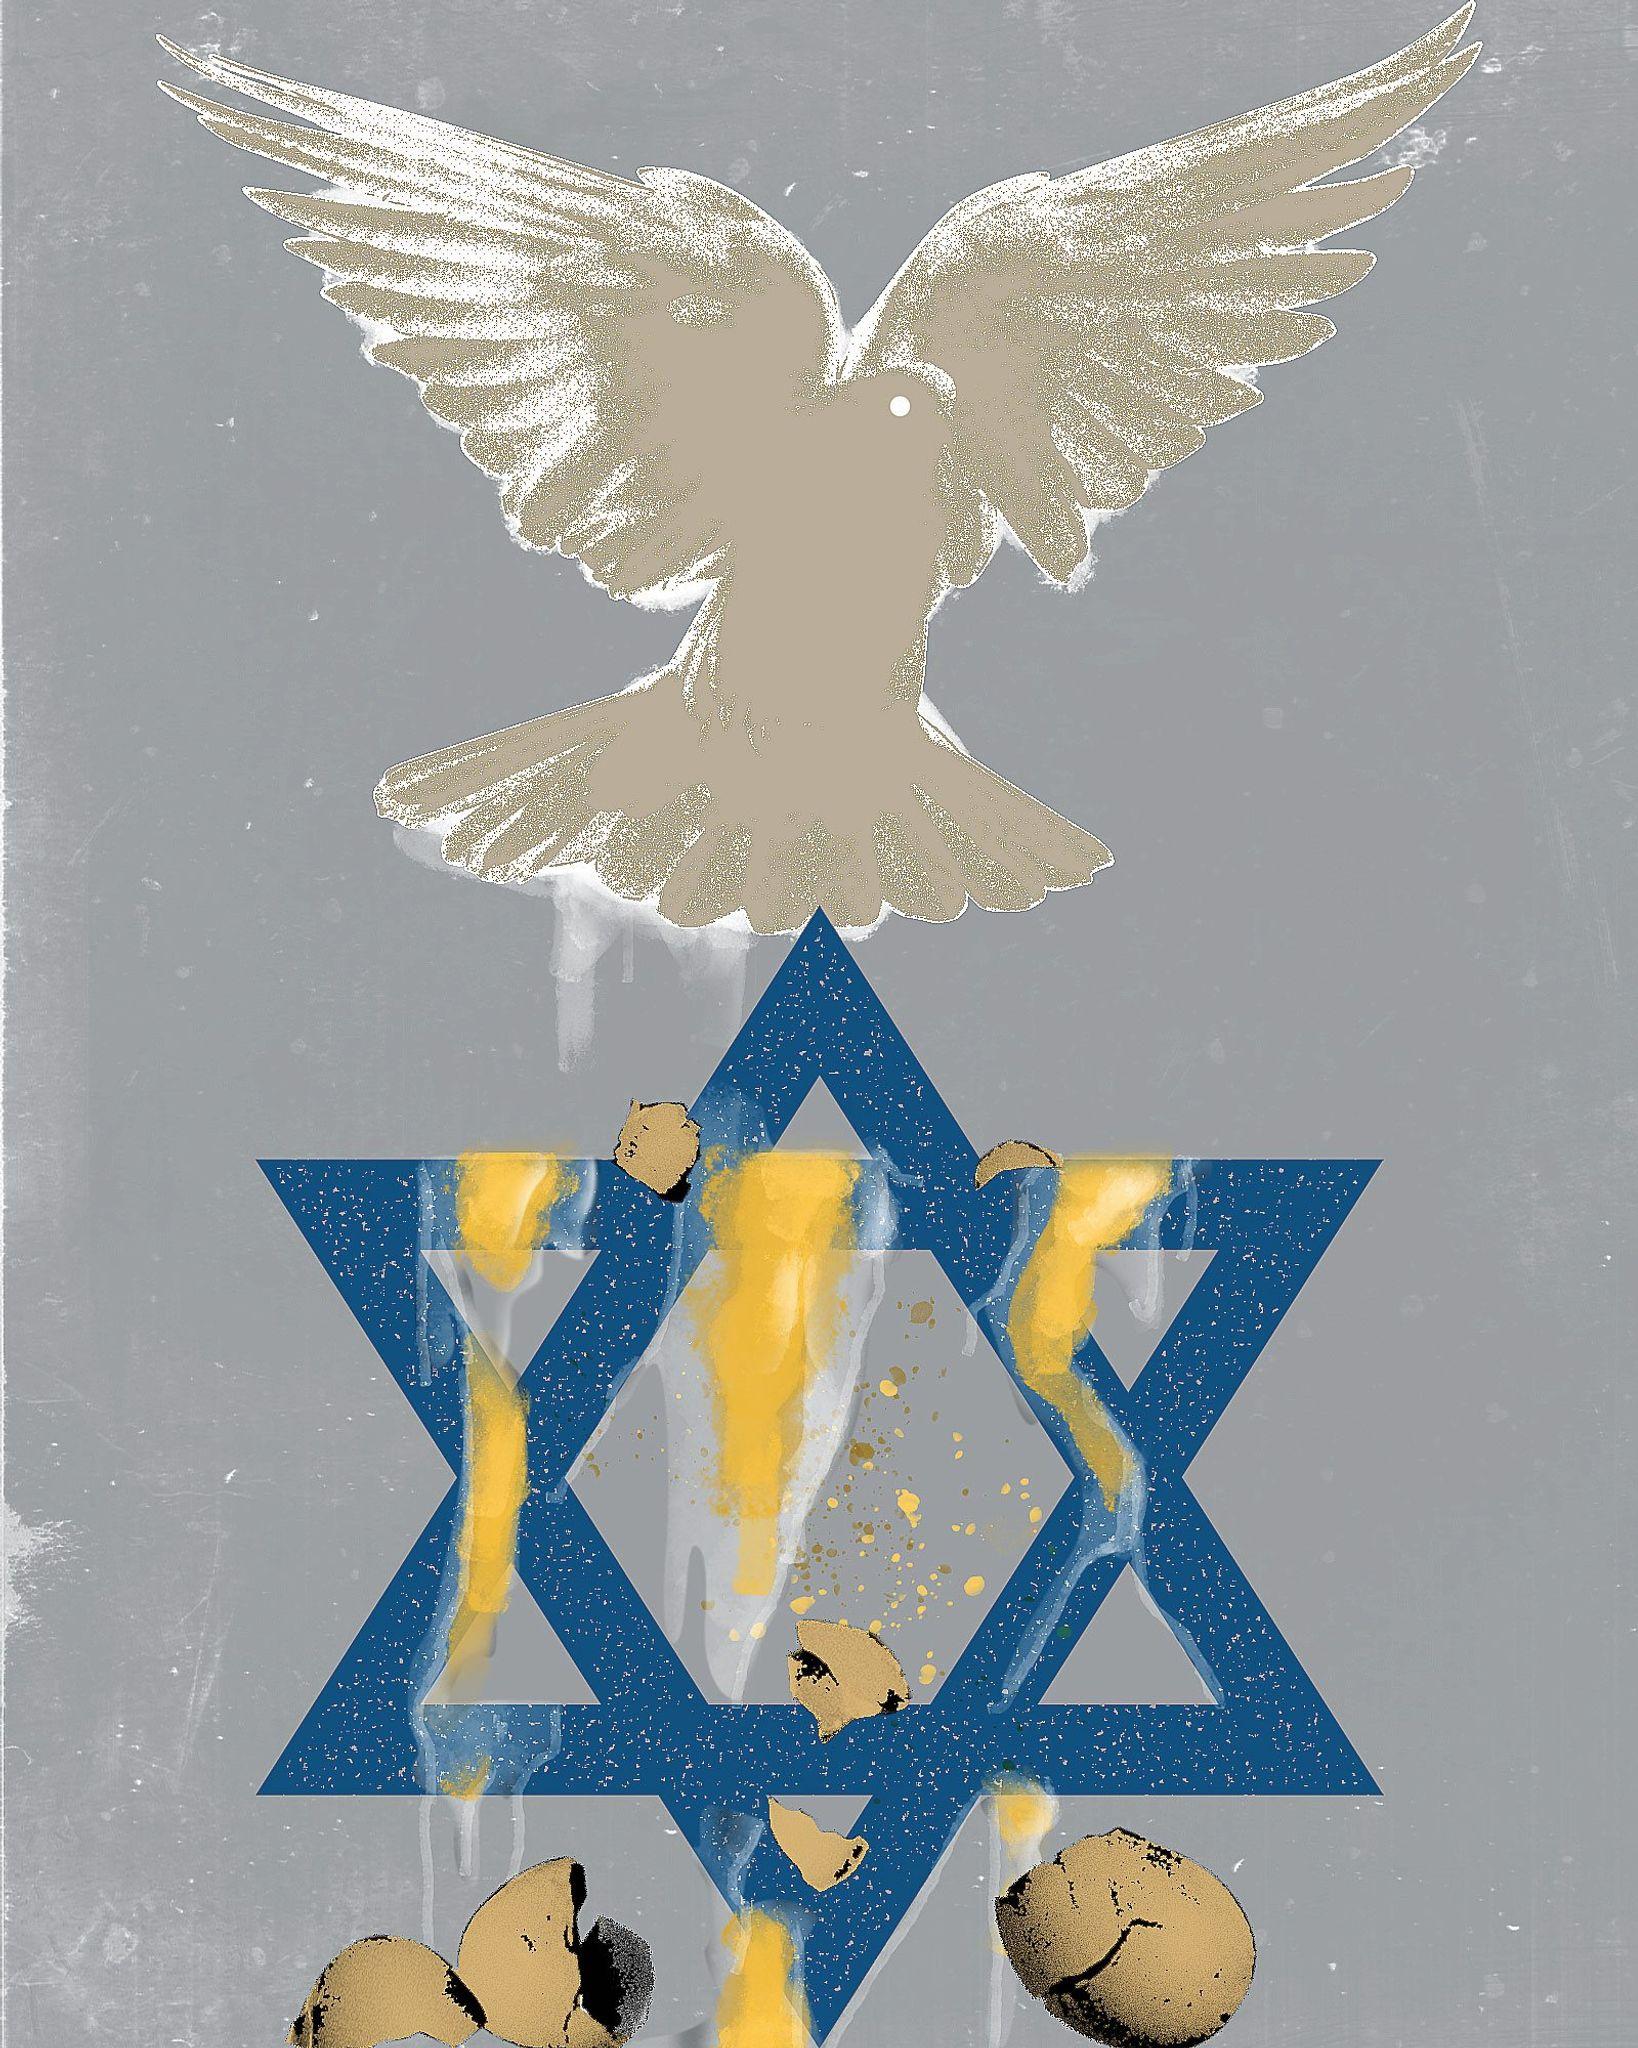 Ilhan Omar and Rashida Tlaib: The anti-Israel lobby